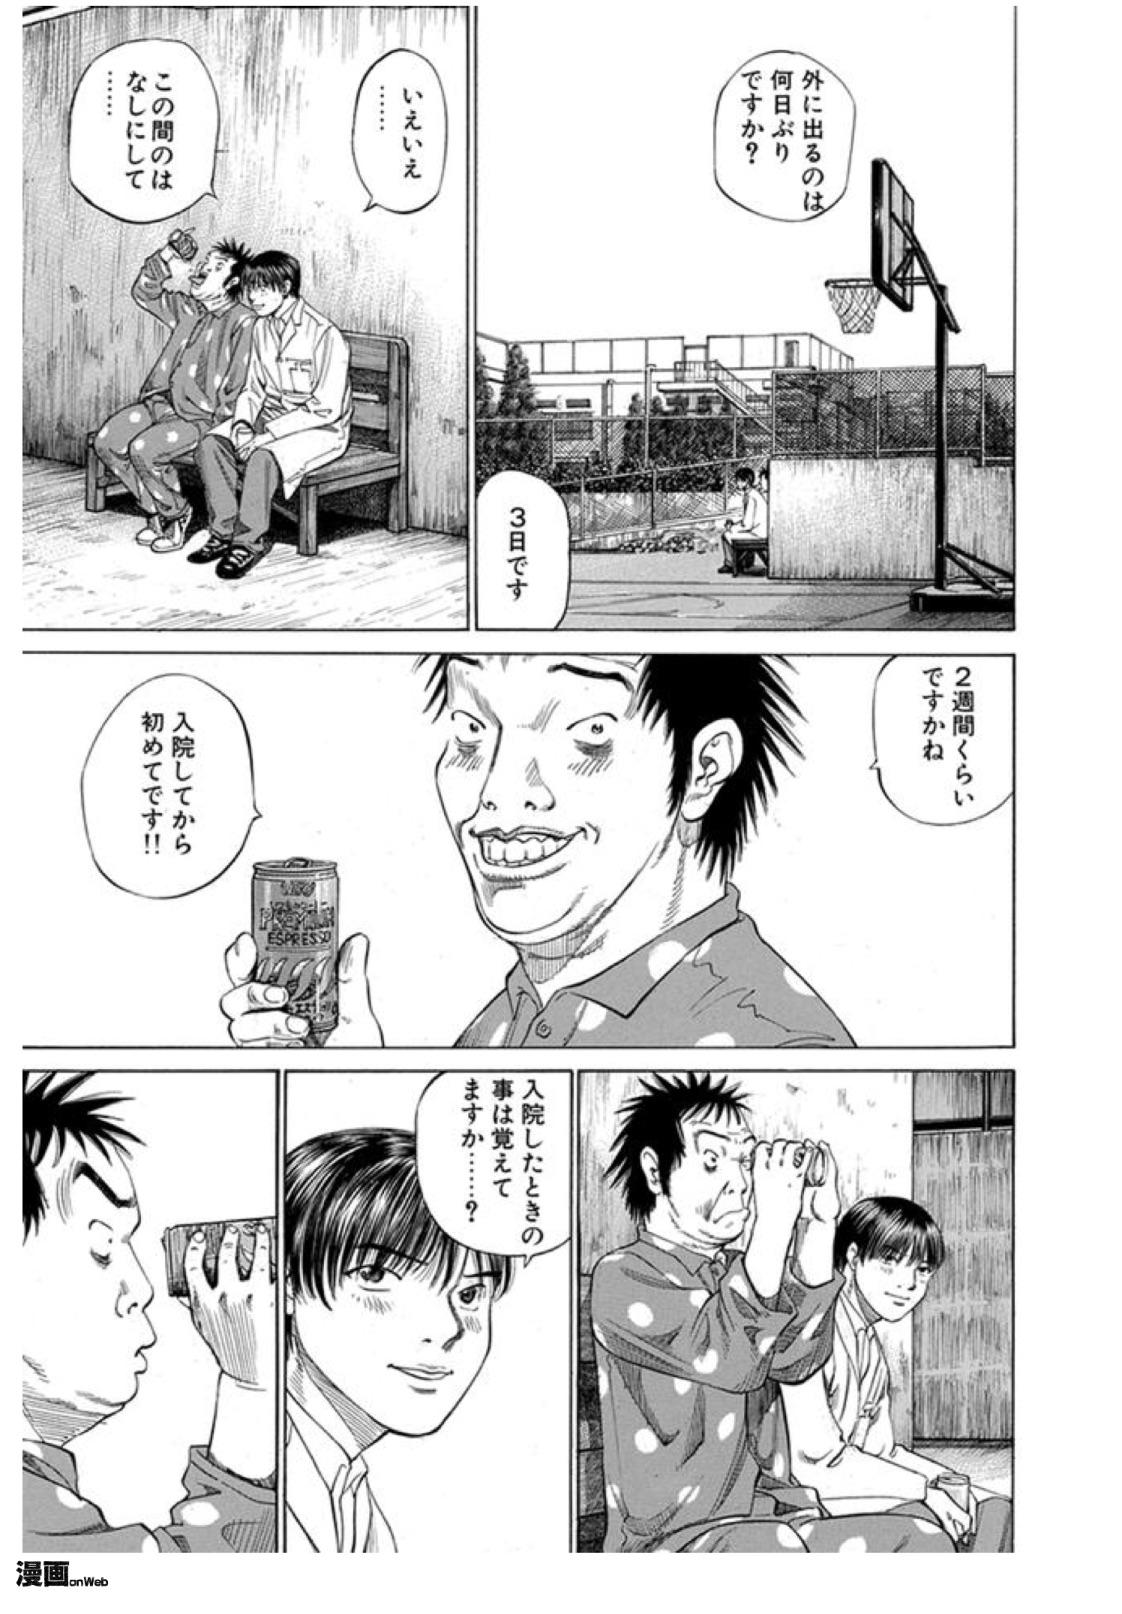 図7『ブラックジャックによろしく』9巻121ページ